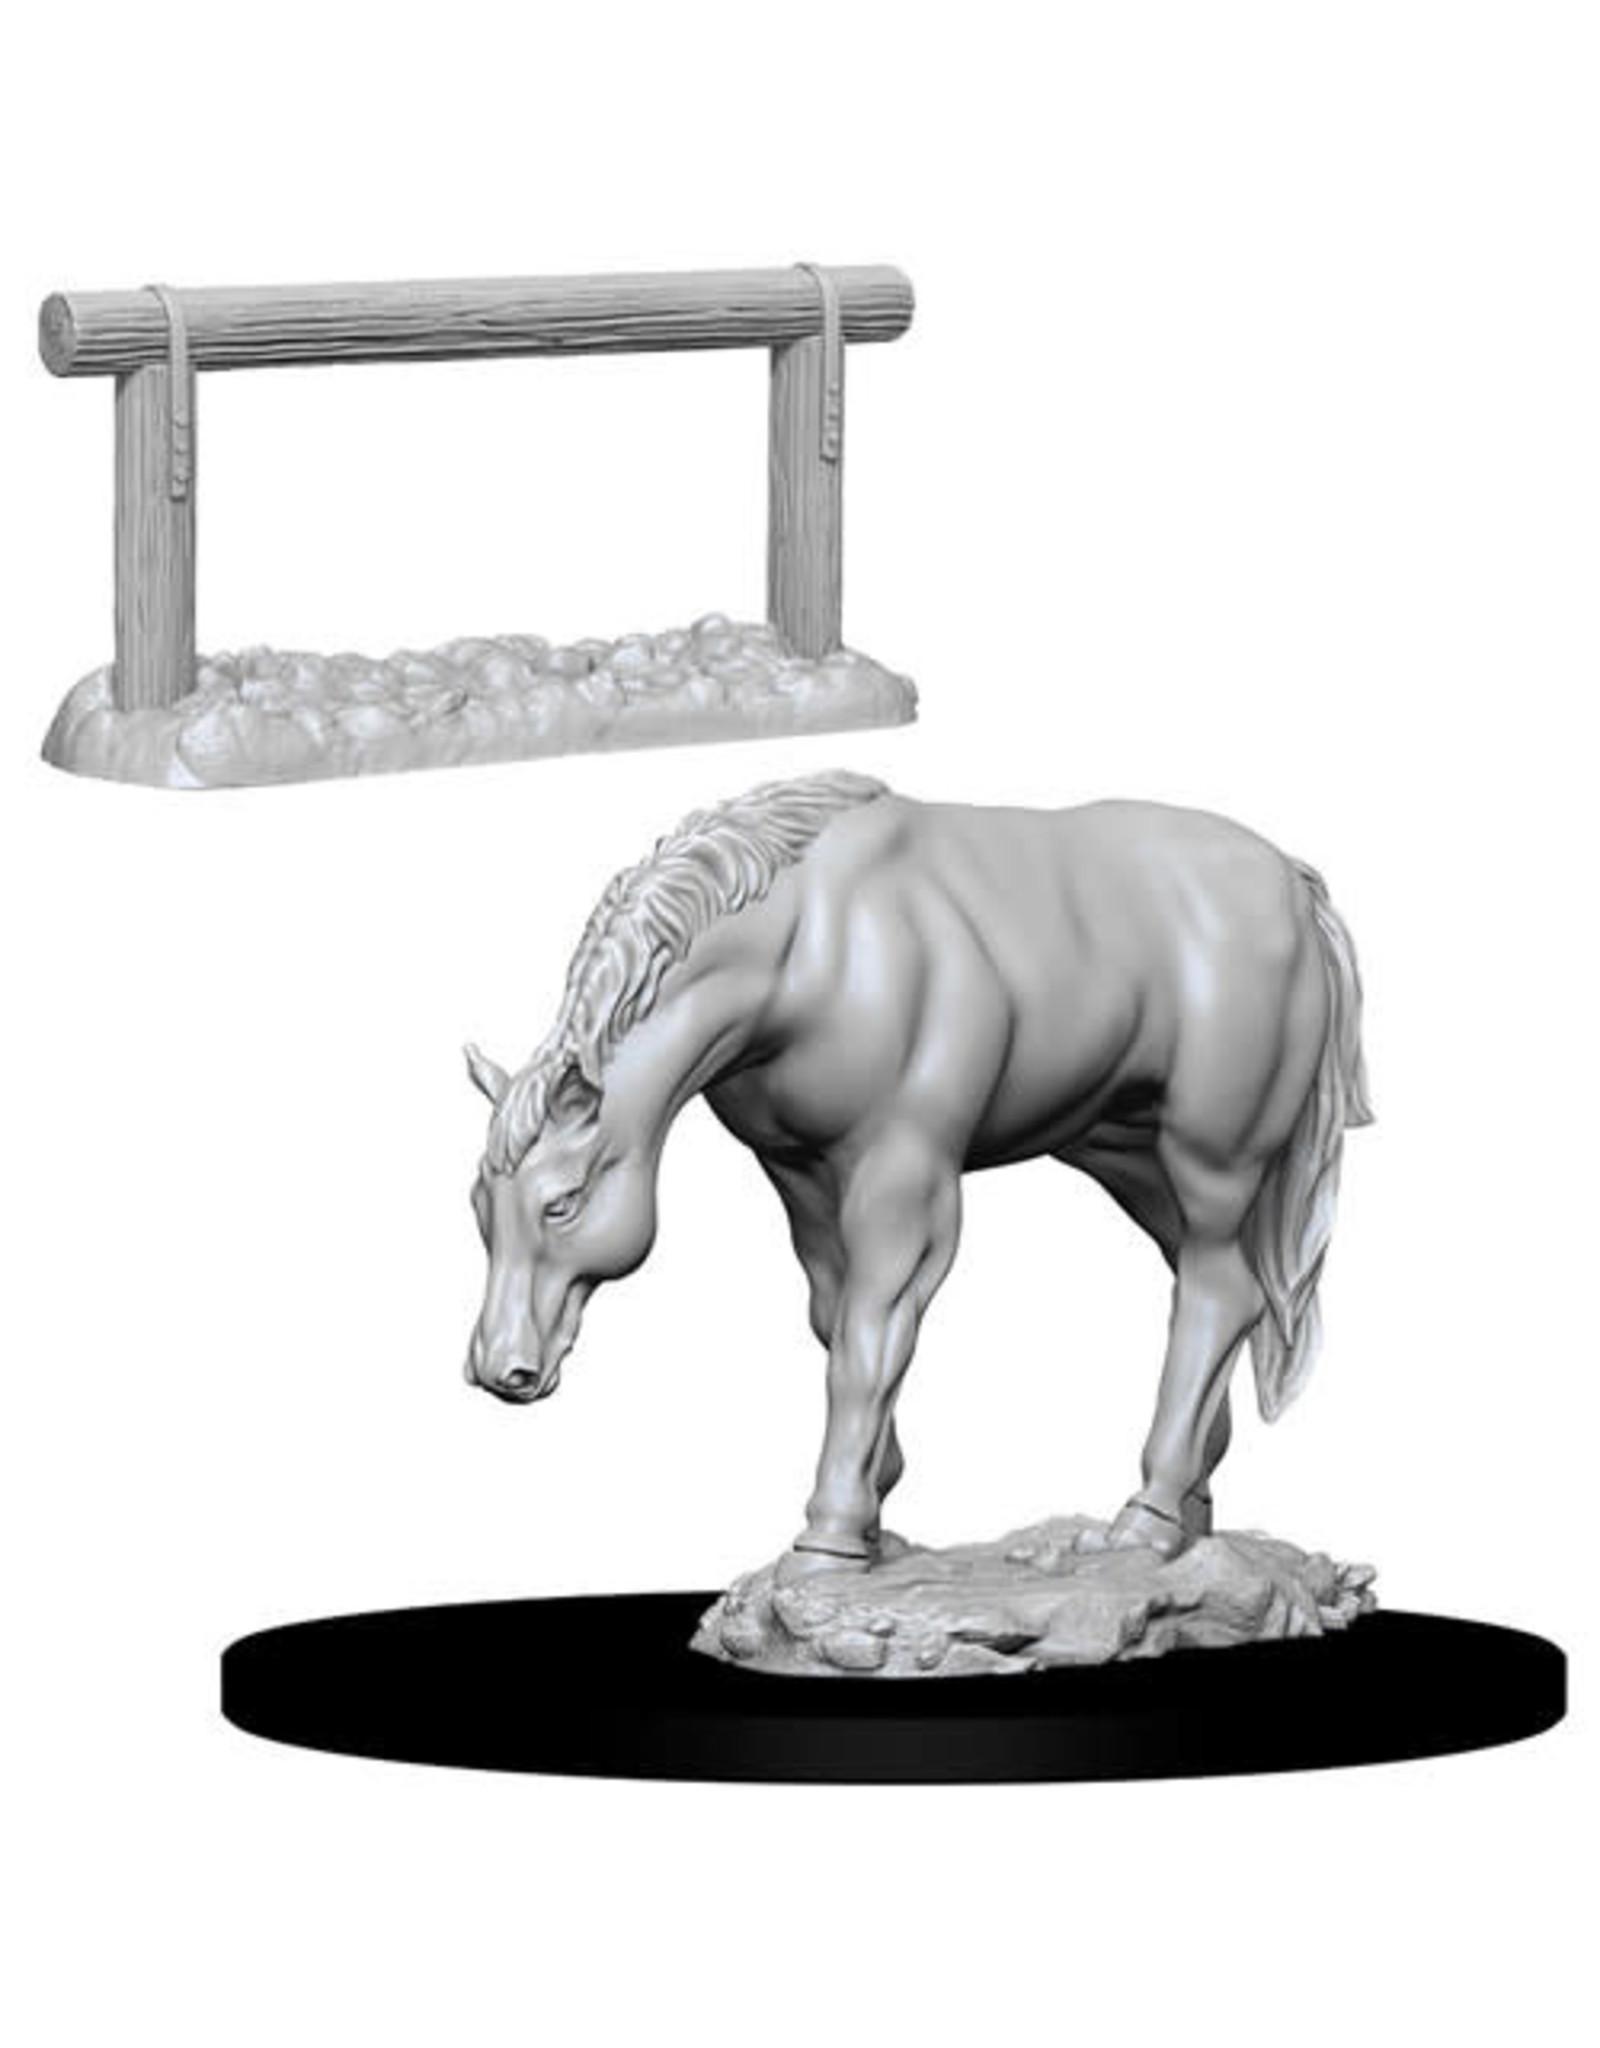 D&D Unpainted Minis: Horse & Hitch (Wave 10)